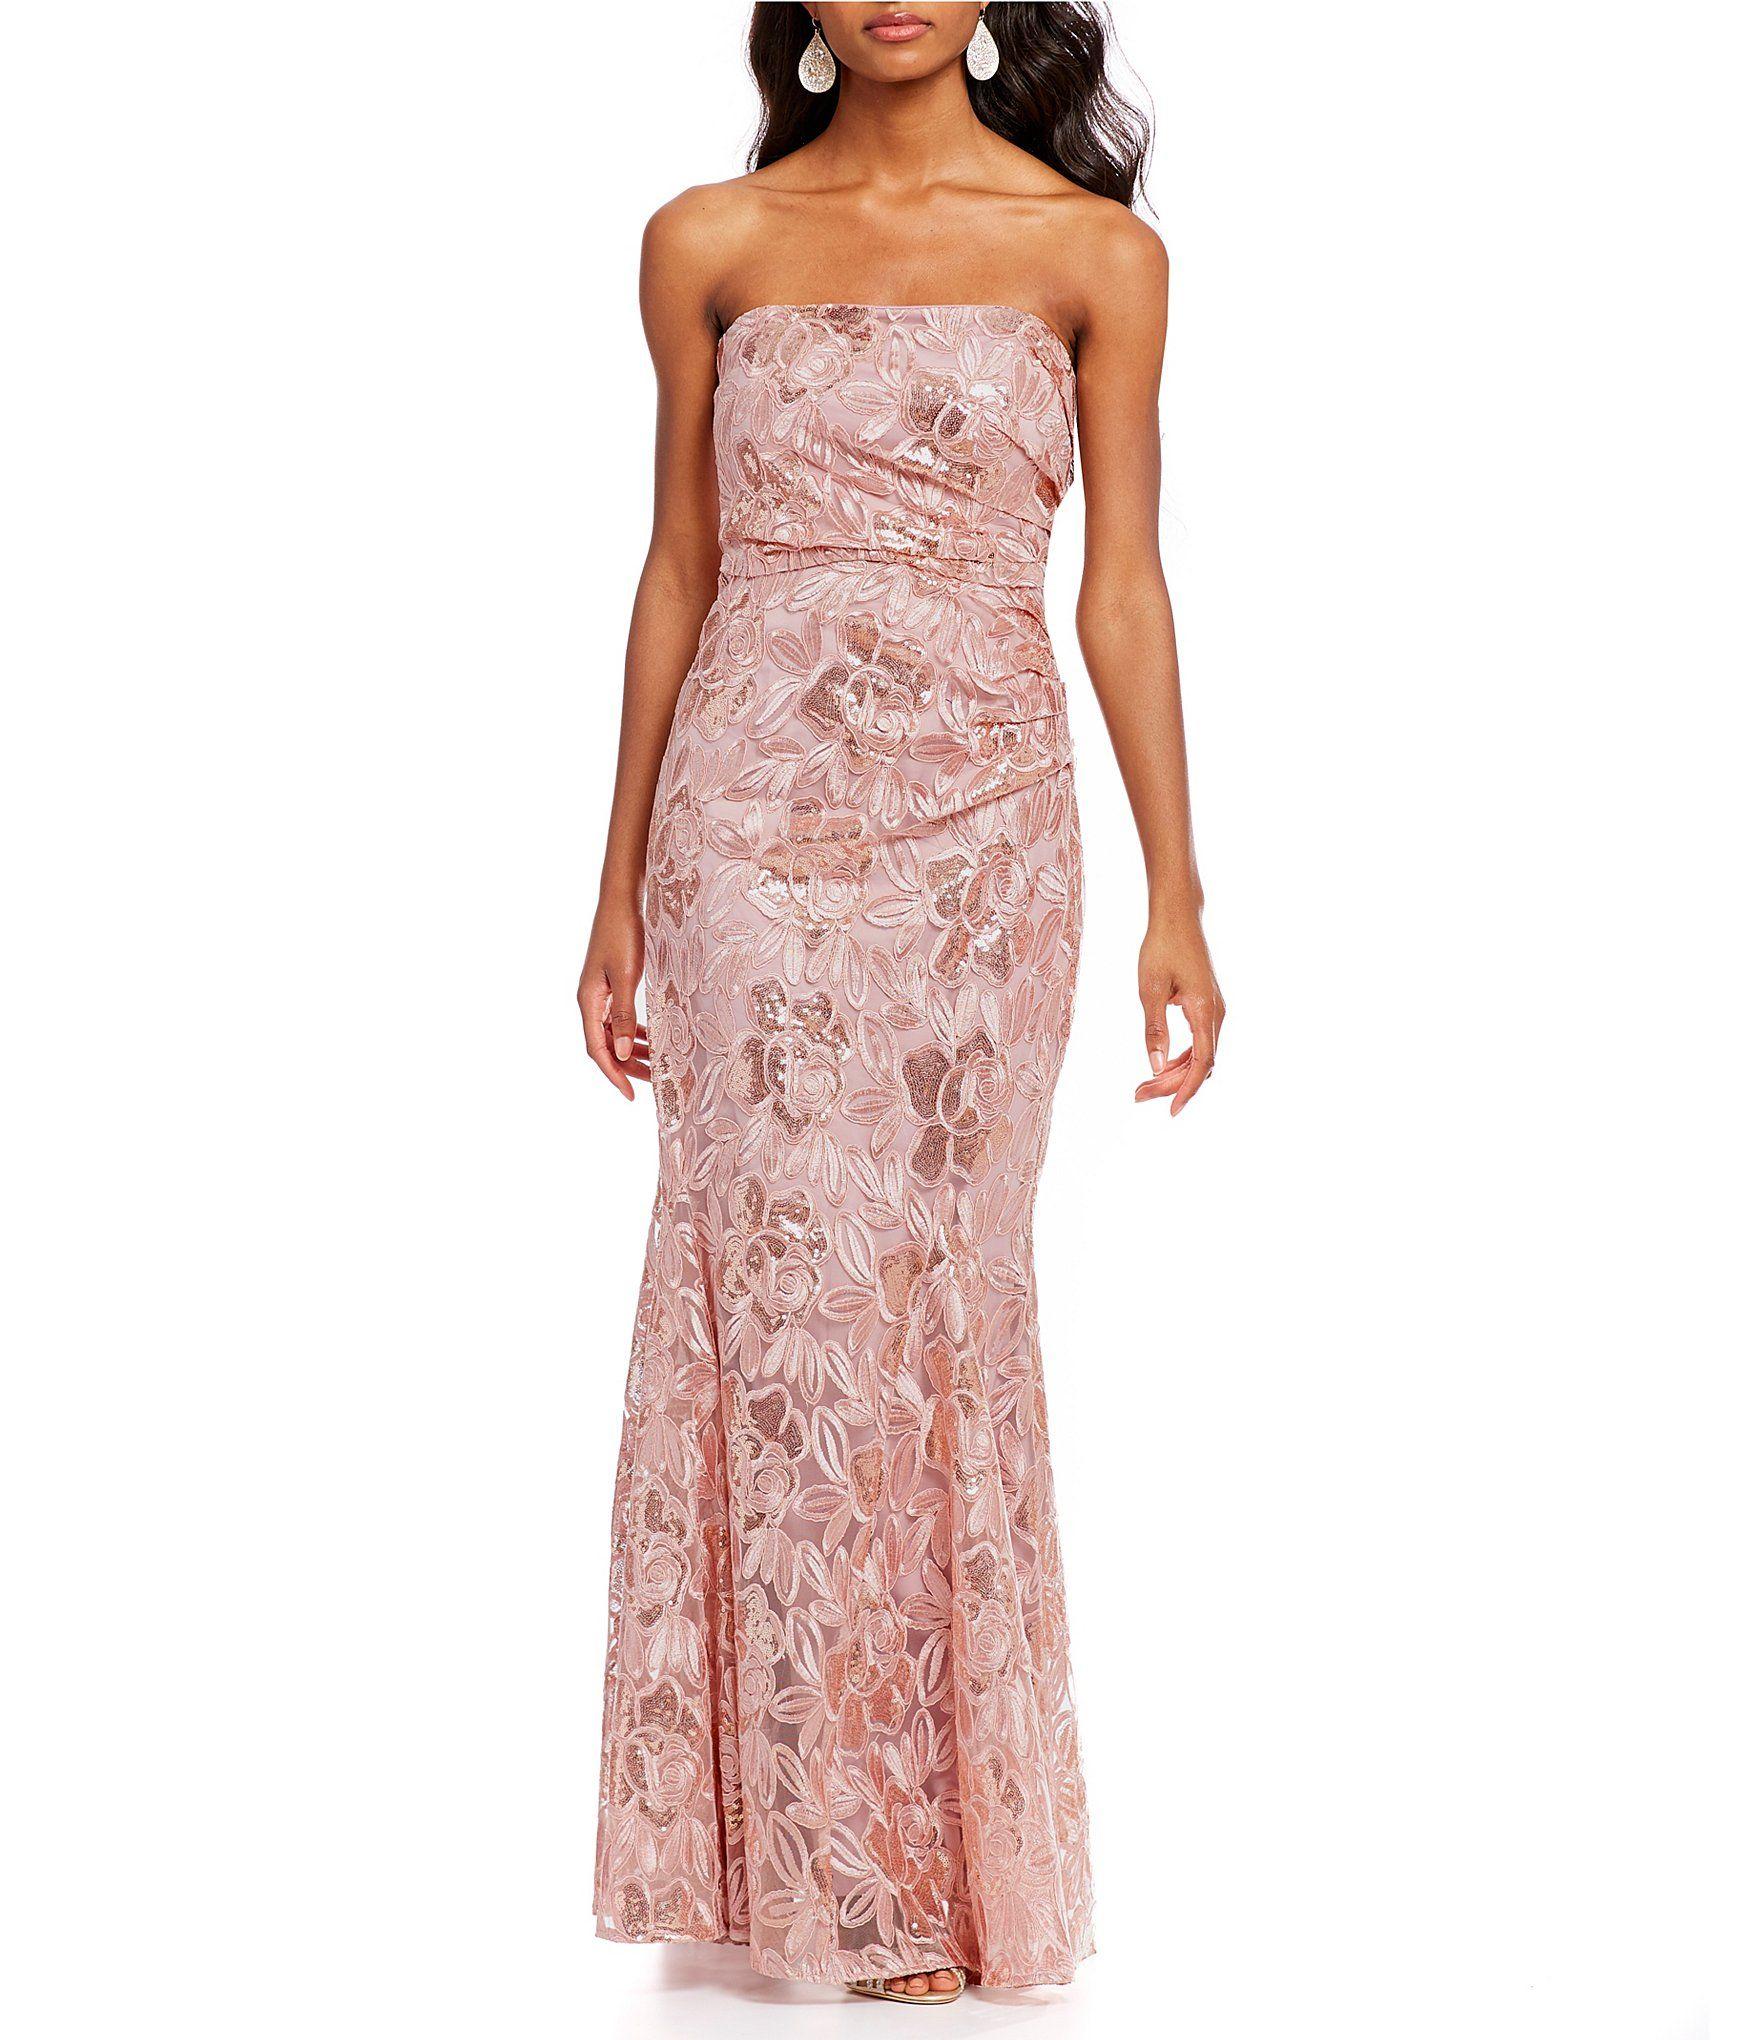 Belle Badgley Mischka Sequin Bustier Heaven Gown | Badgley mischka ...